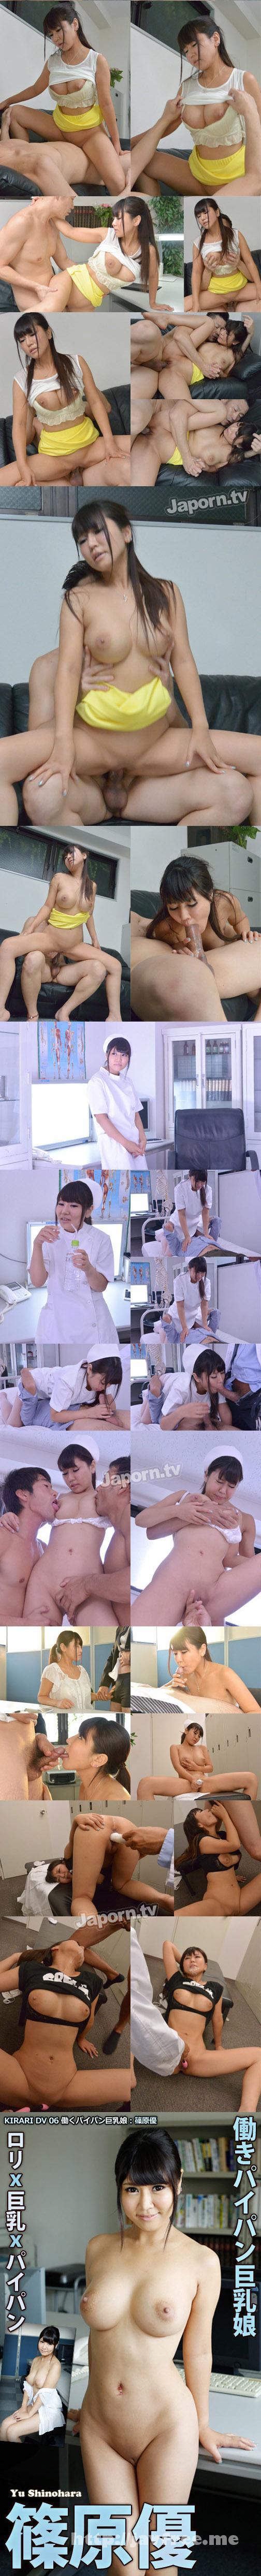 [MKDV 06] KIRARI DV 06 働くパイパン巨乳娘 : 篠原優 篠原優 Yu Shinohara MKDV